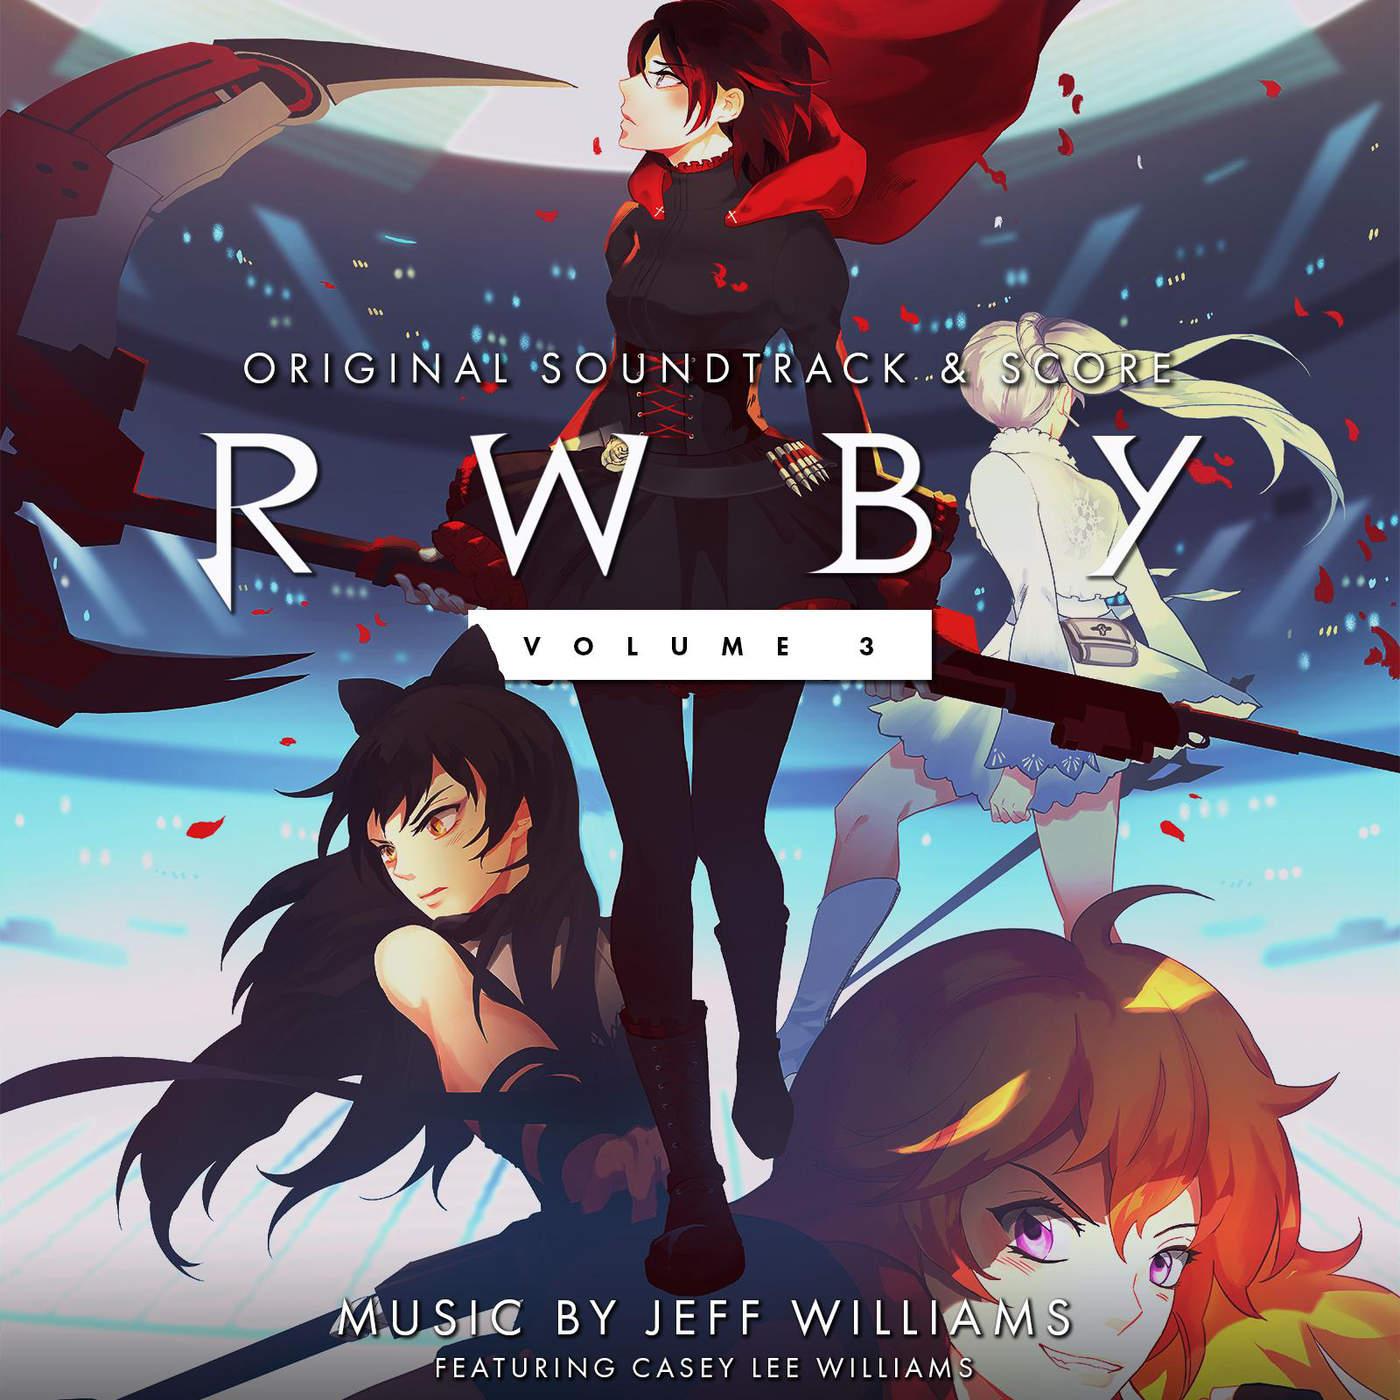 ファイル:RWBY Vol 3 soundtrack art.jpg